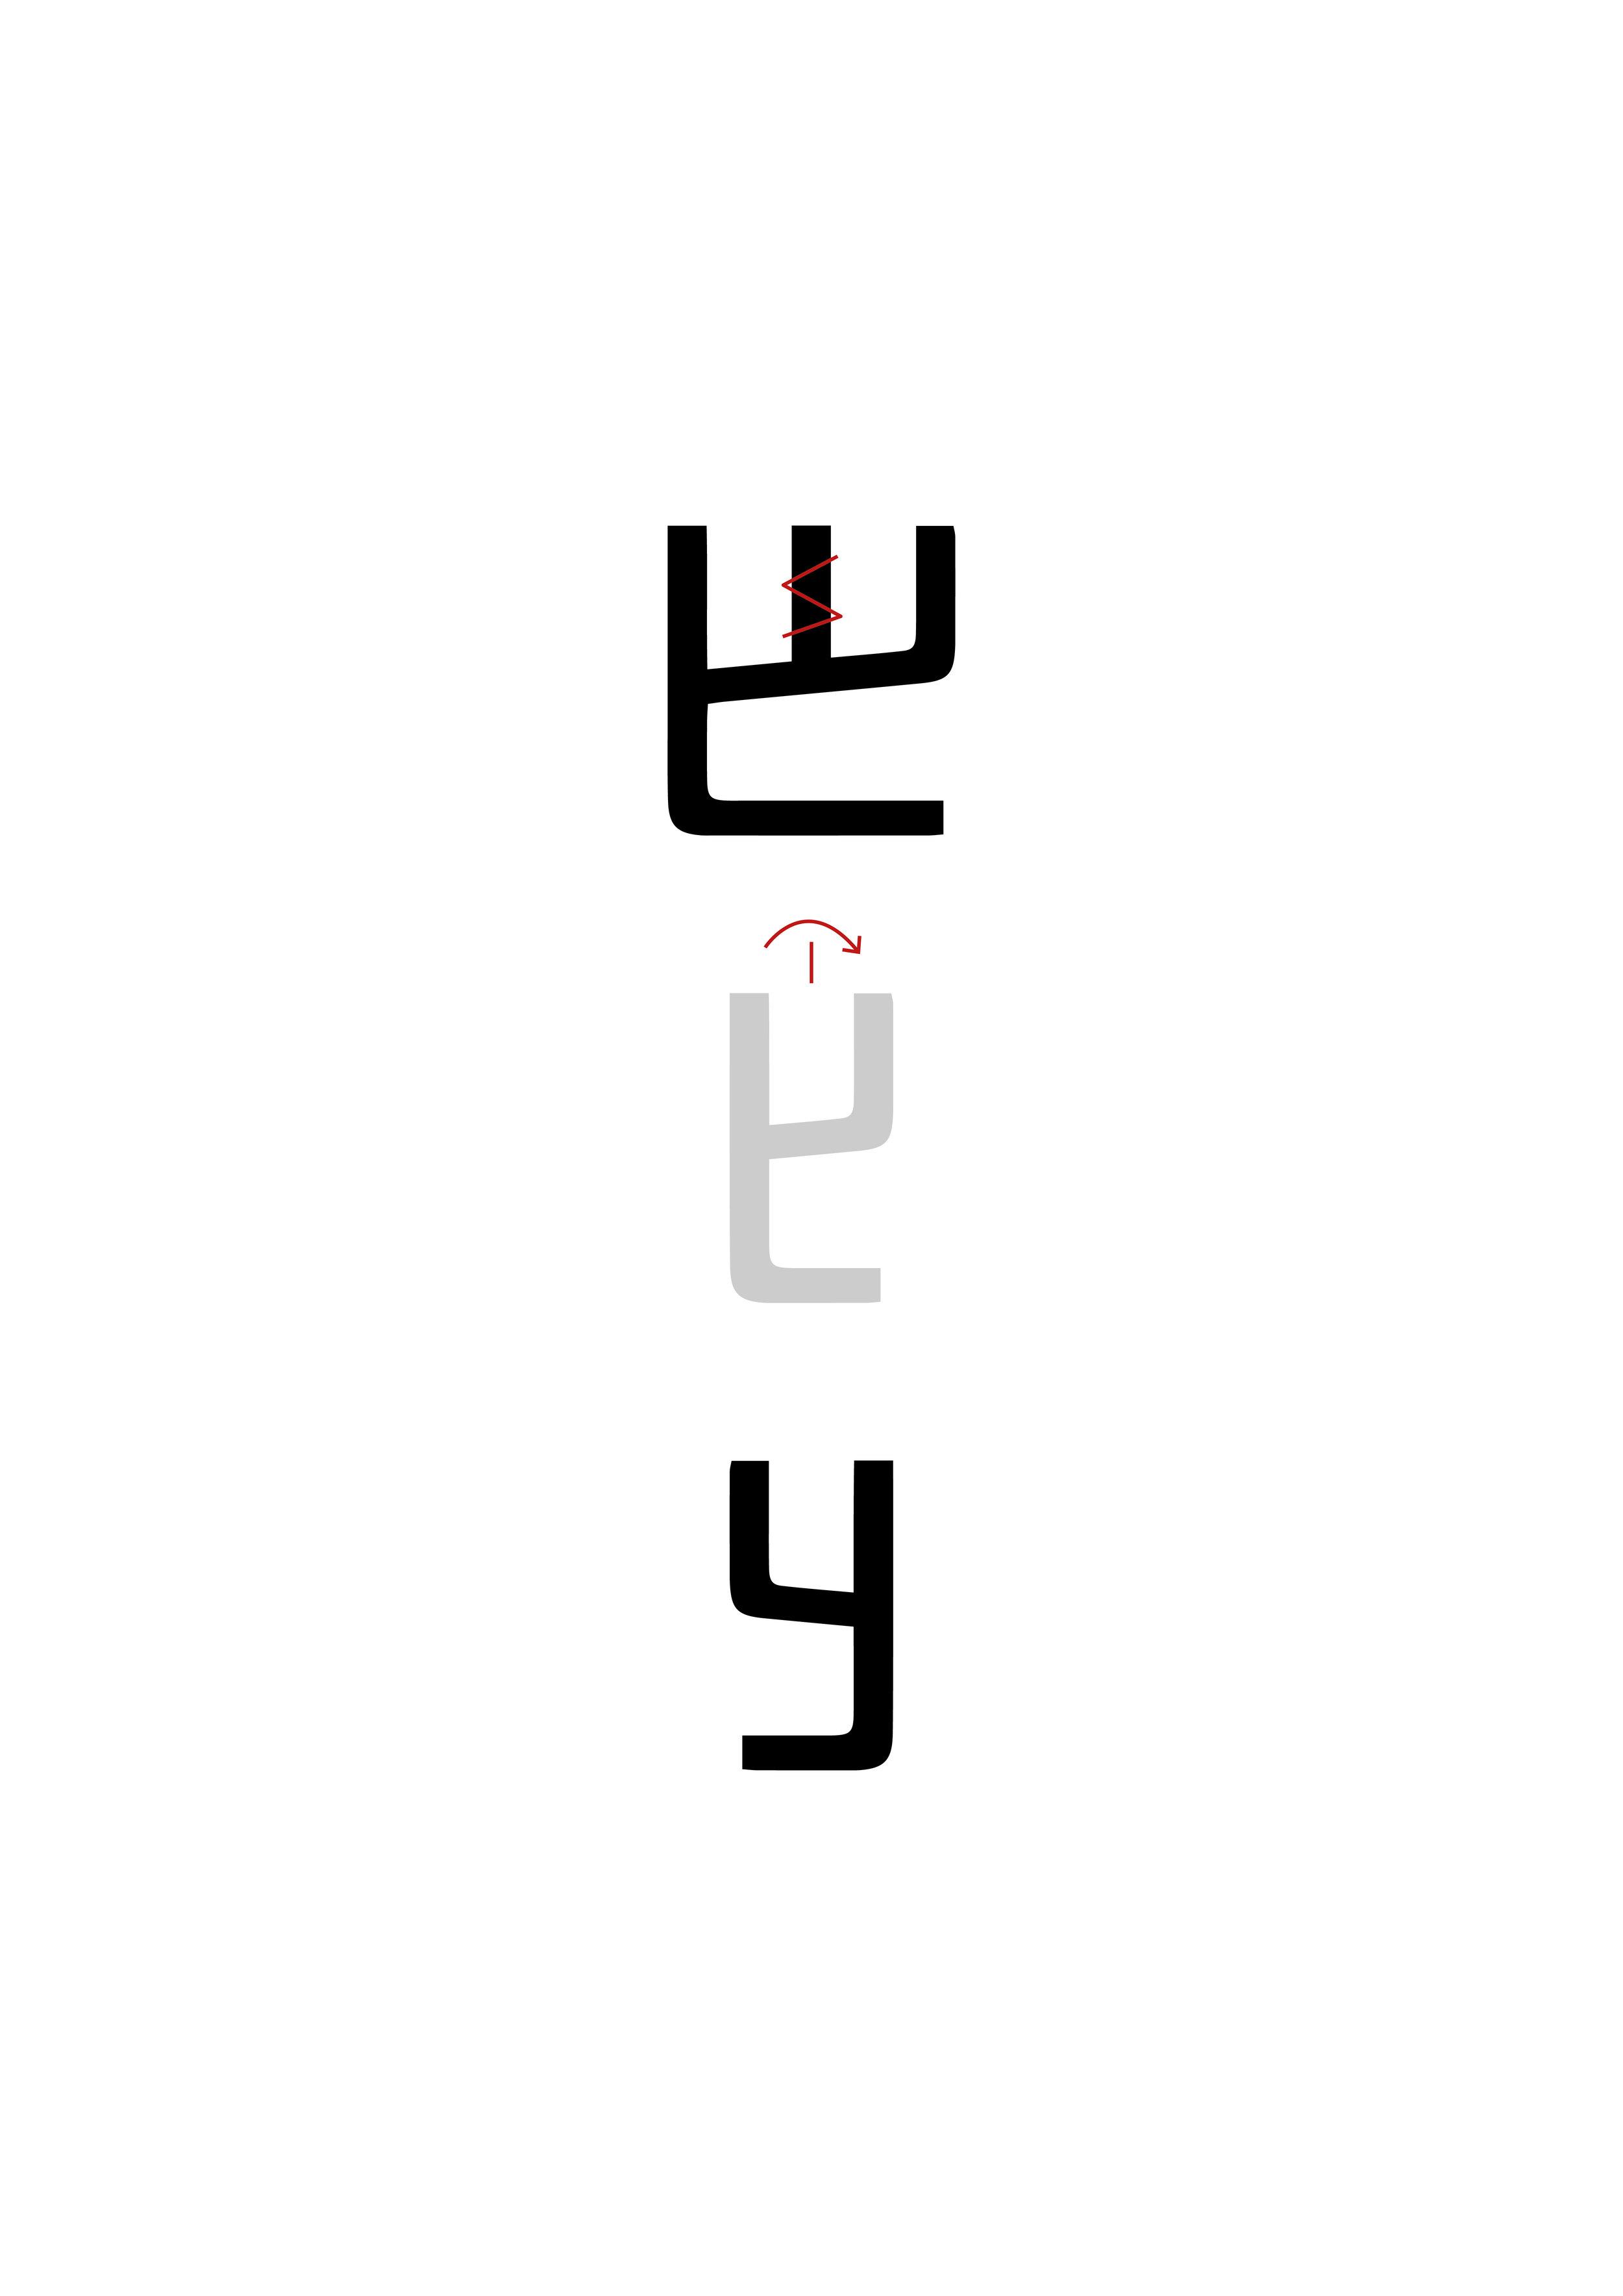 mv_typeface_firsttries4.jpg